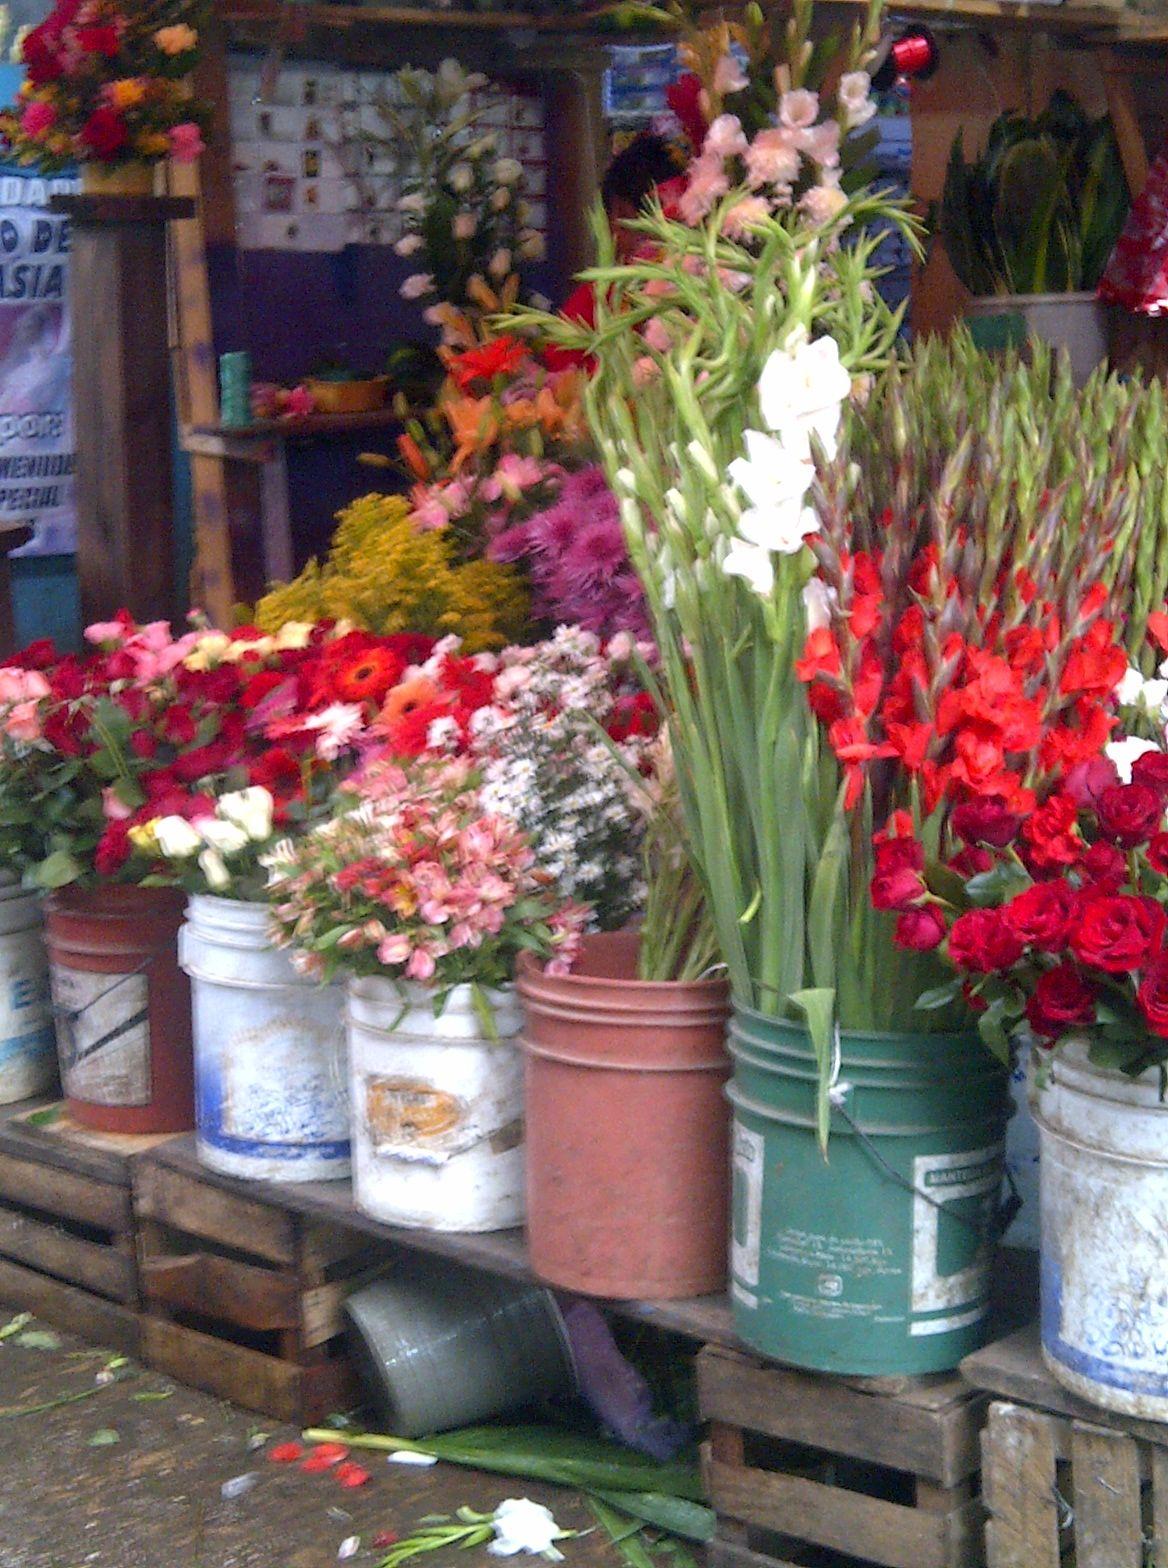 Flores en el mercadito de San Cristobal